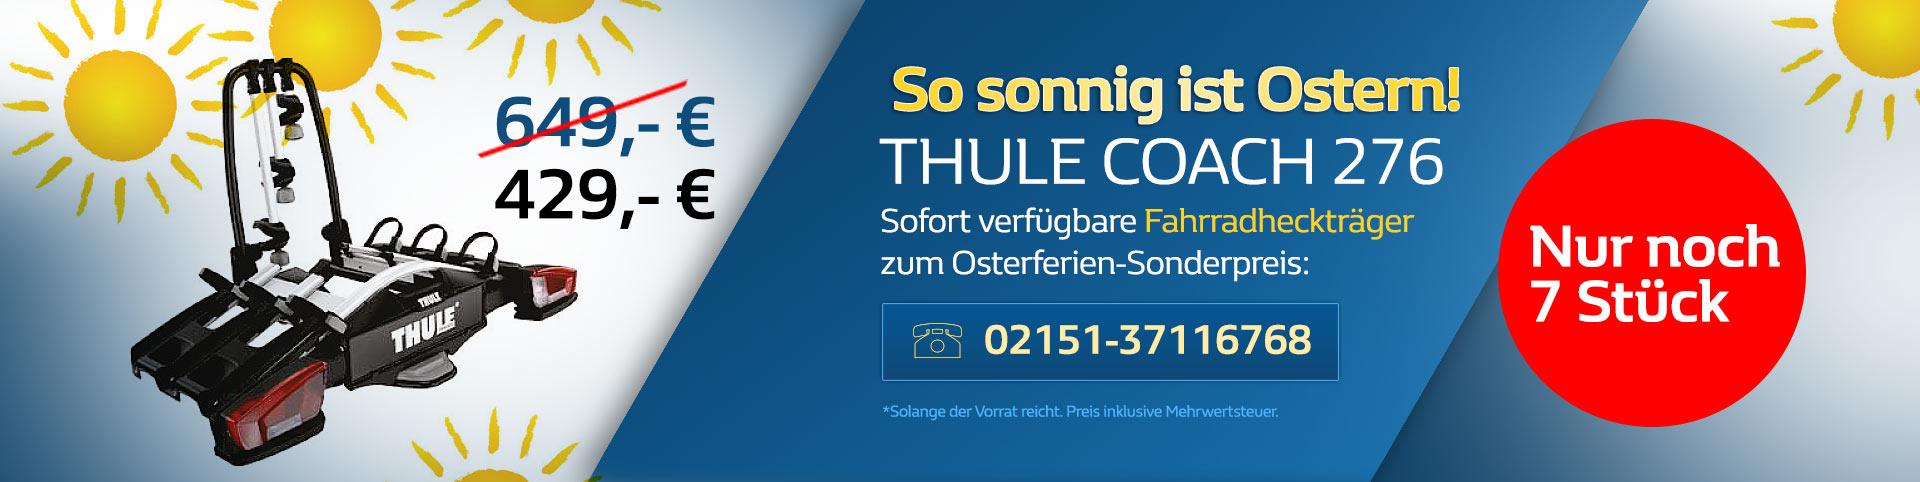 Thule Coach 267 Fahrradheckträger Angebot